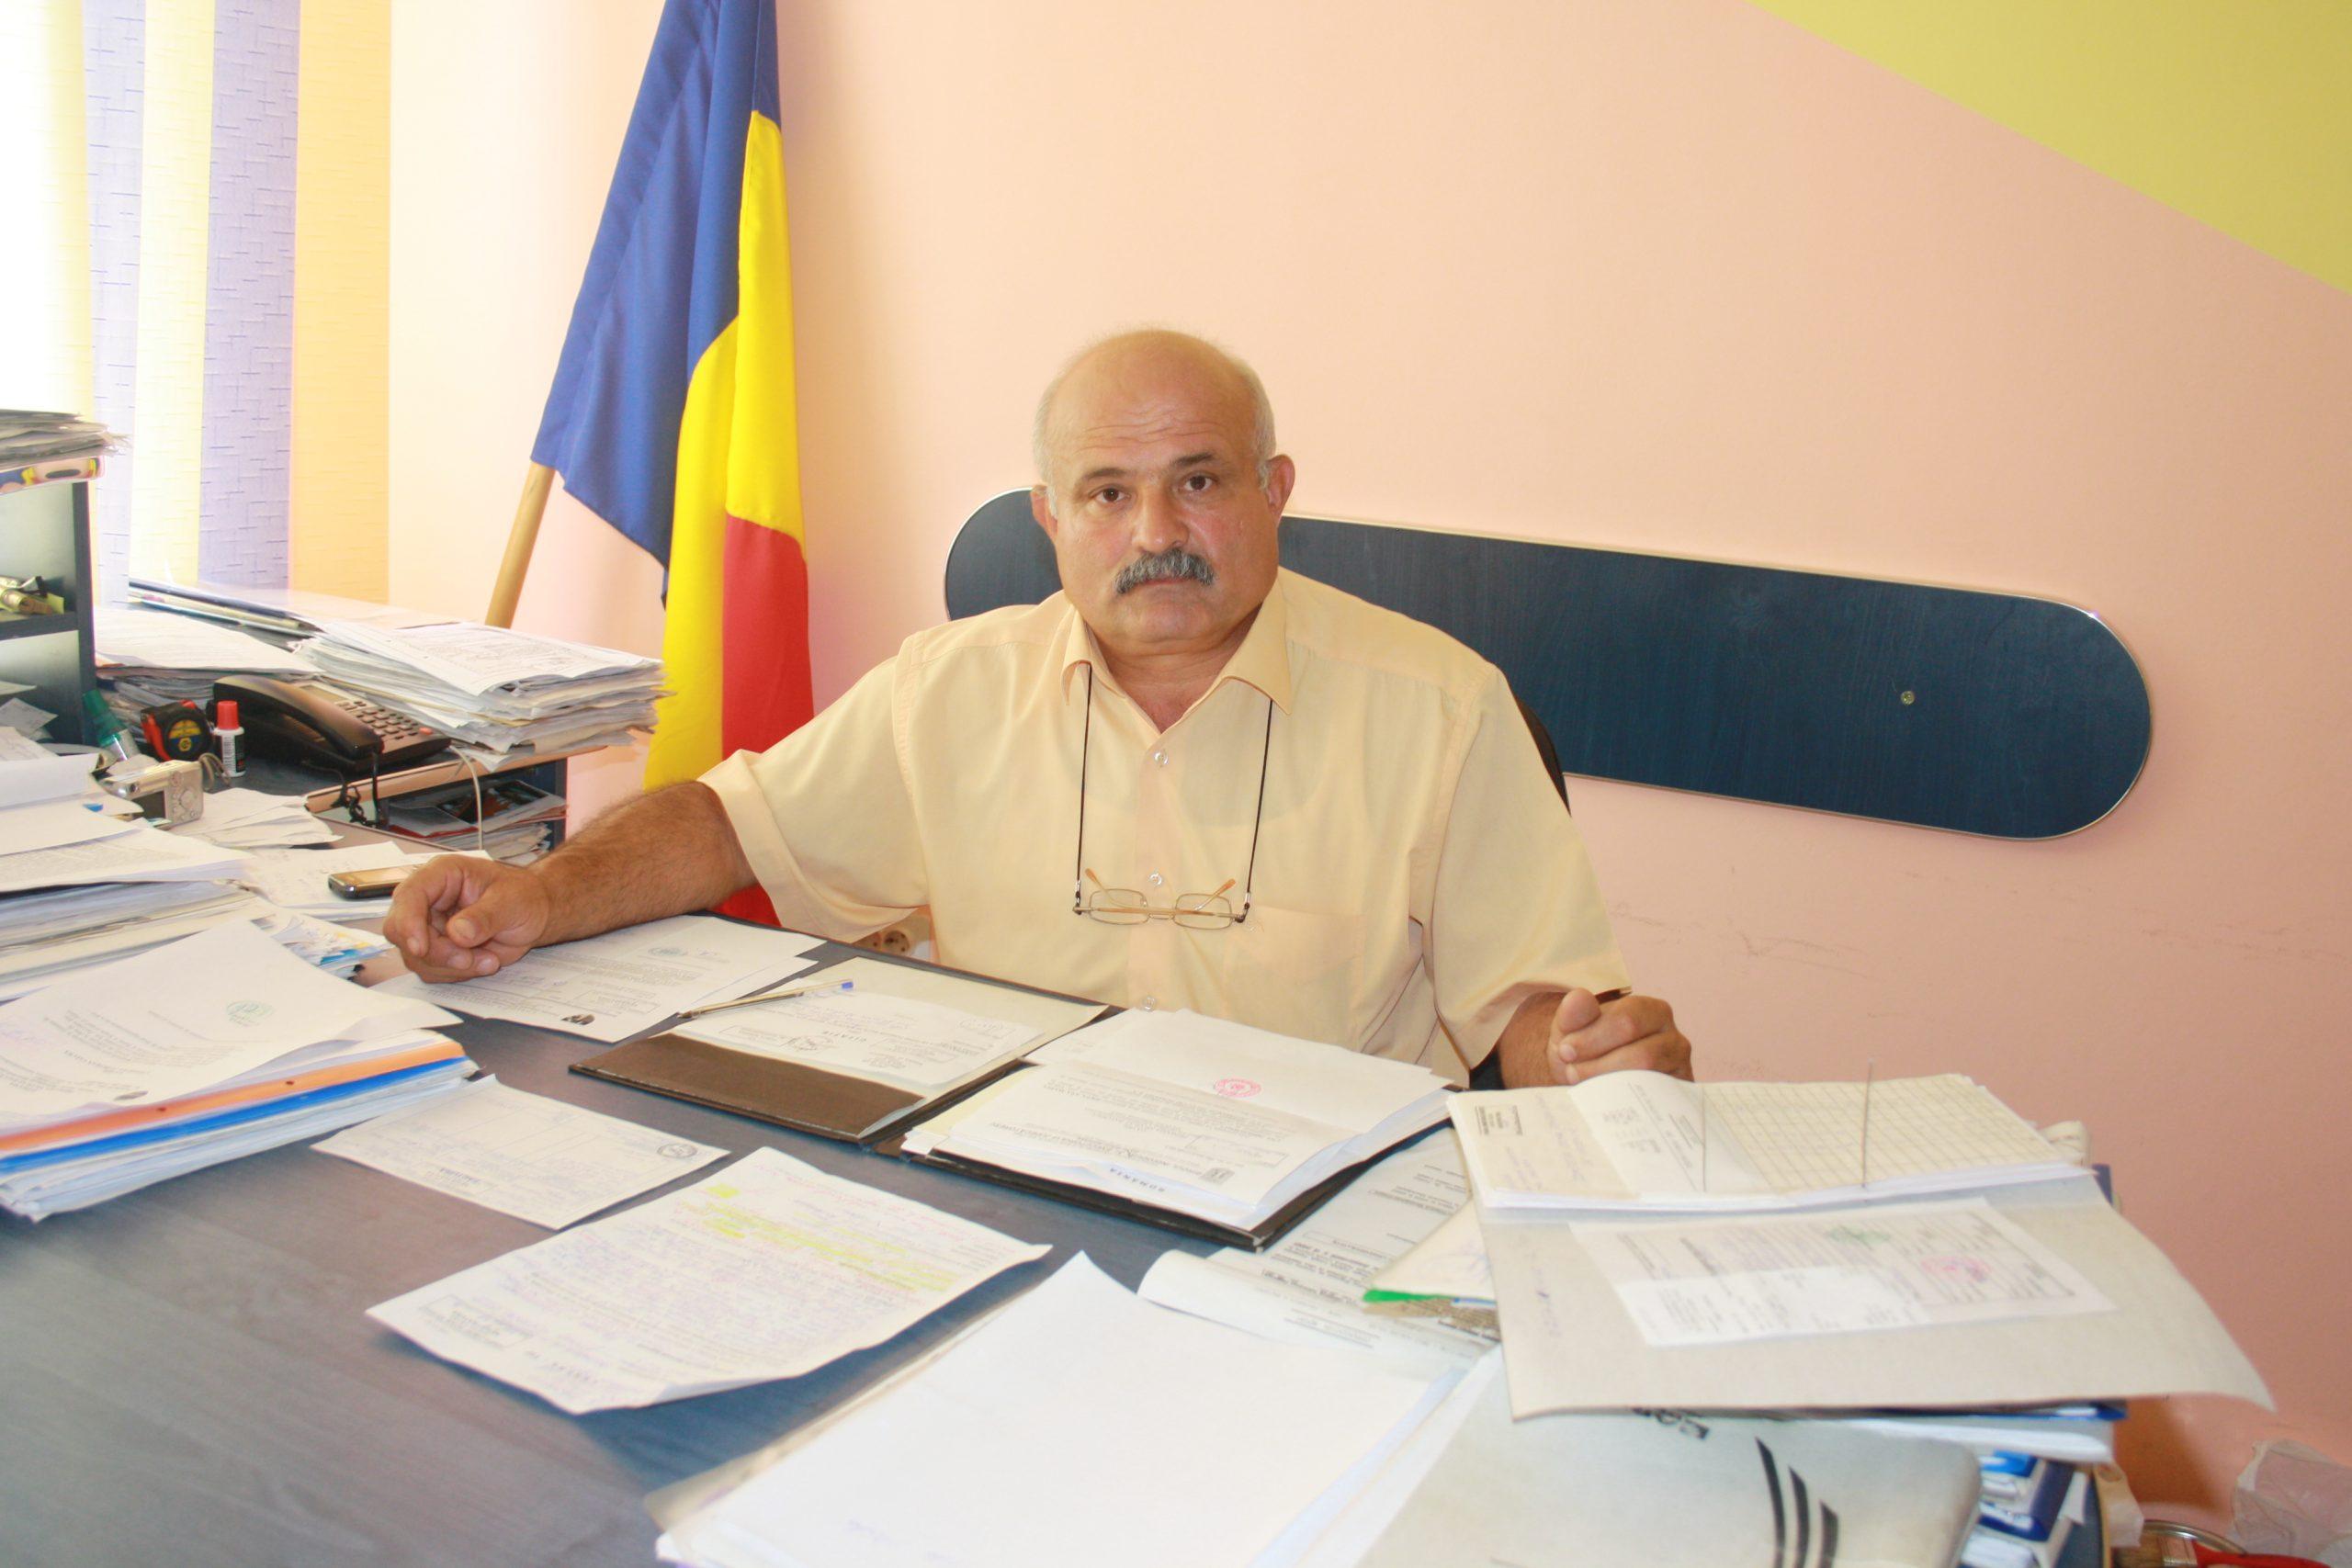 Investiţii pentru dezvoltare durabilă, în comuna Nicolae Bălcescu